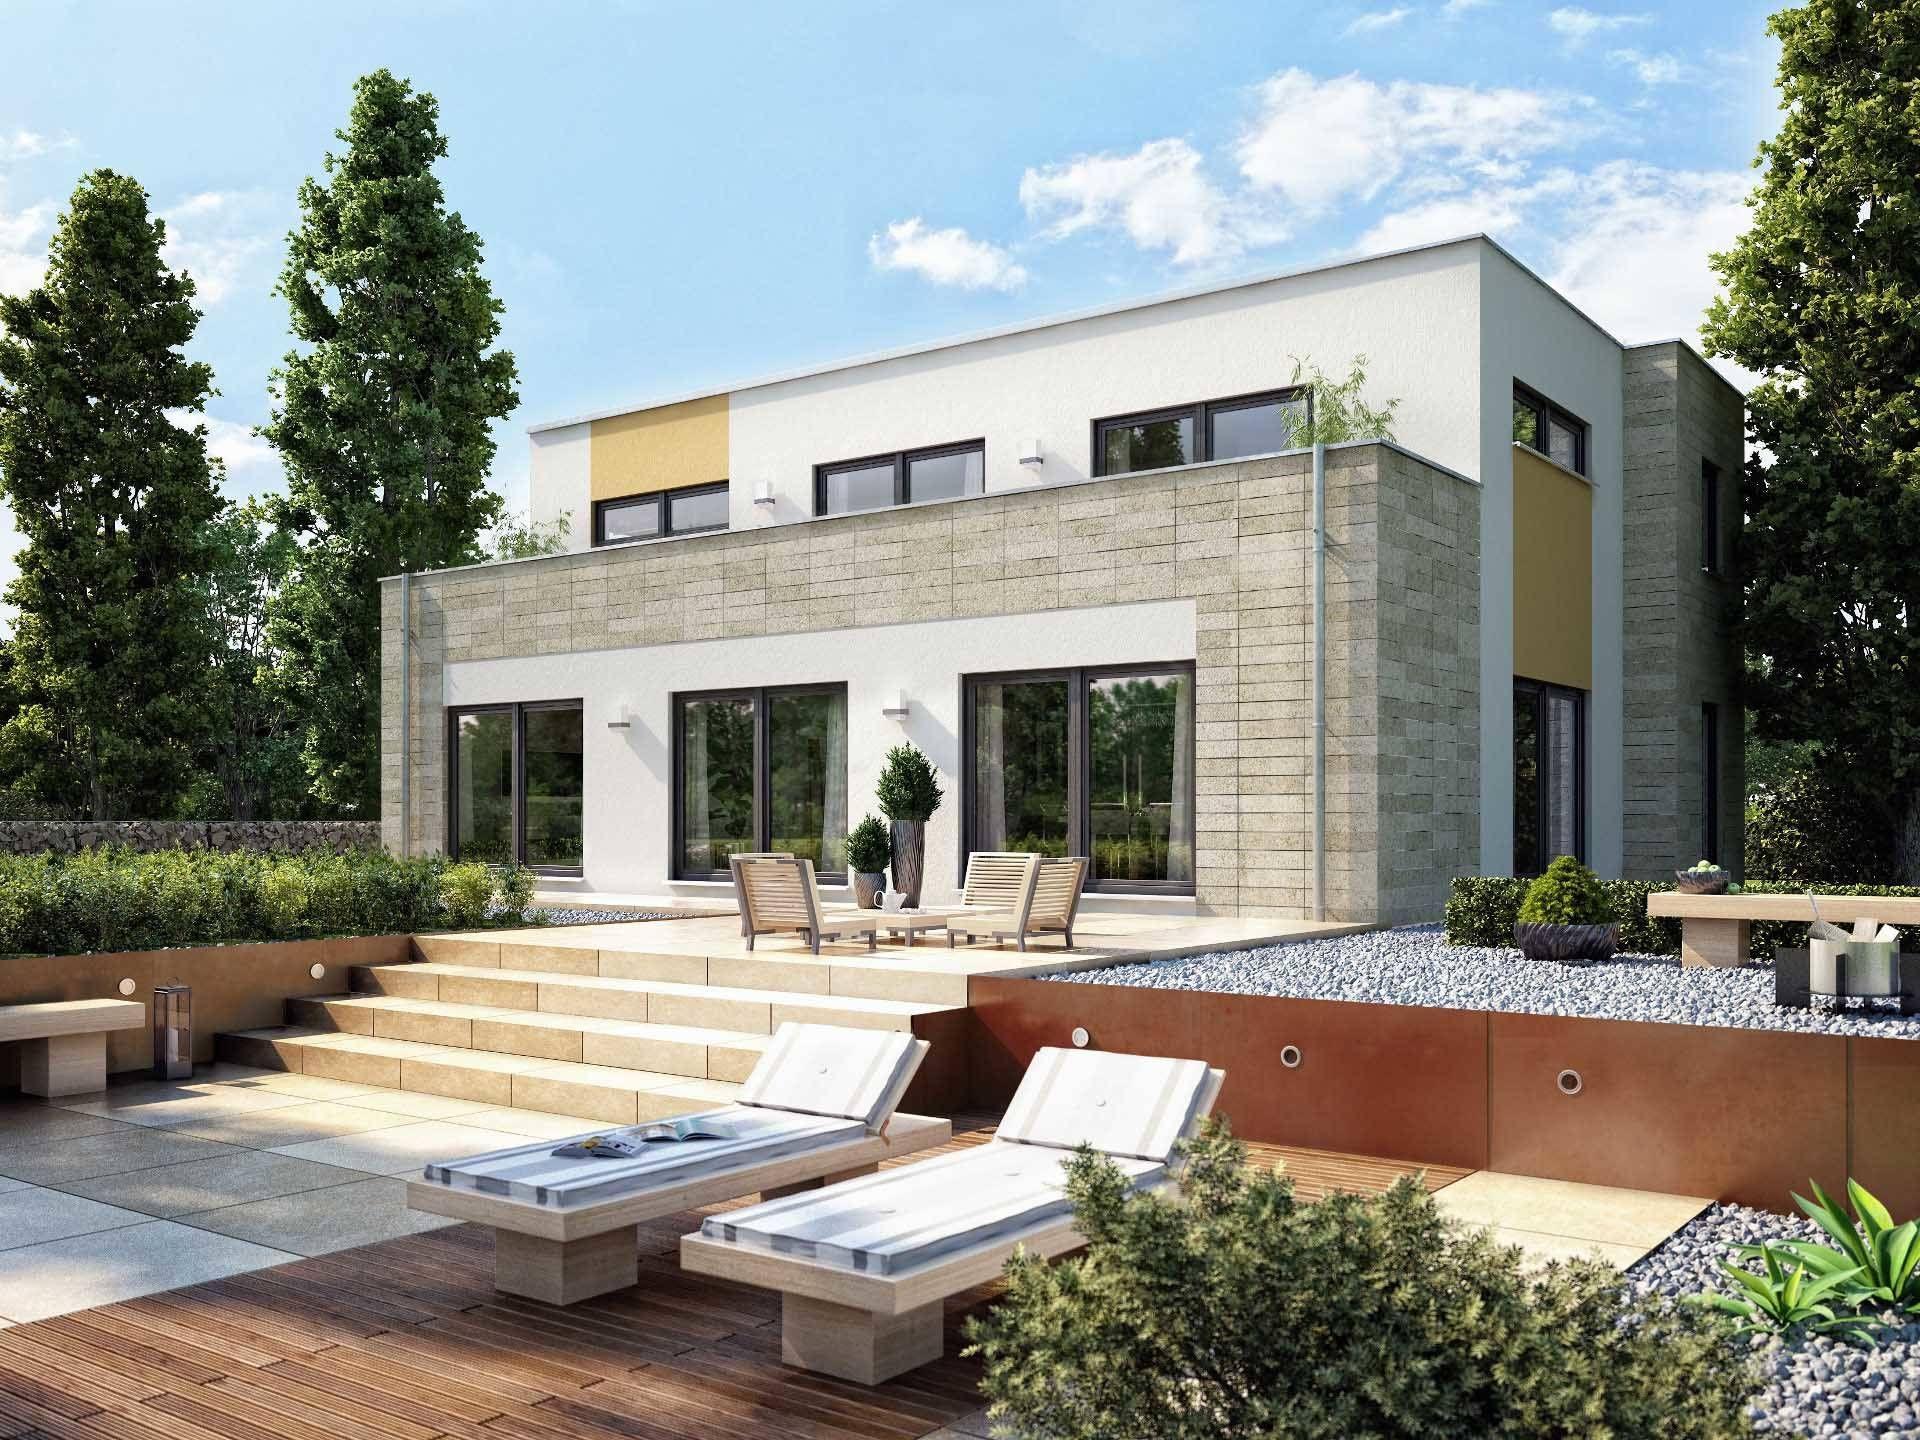 hausentwurf sonnenterrasse bauhaus cubus von okal haus modernes einfamilienhaus mit. Black Bedroom Furniture Sets. Home Design Ideas